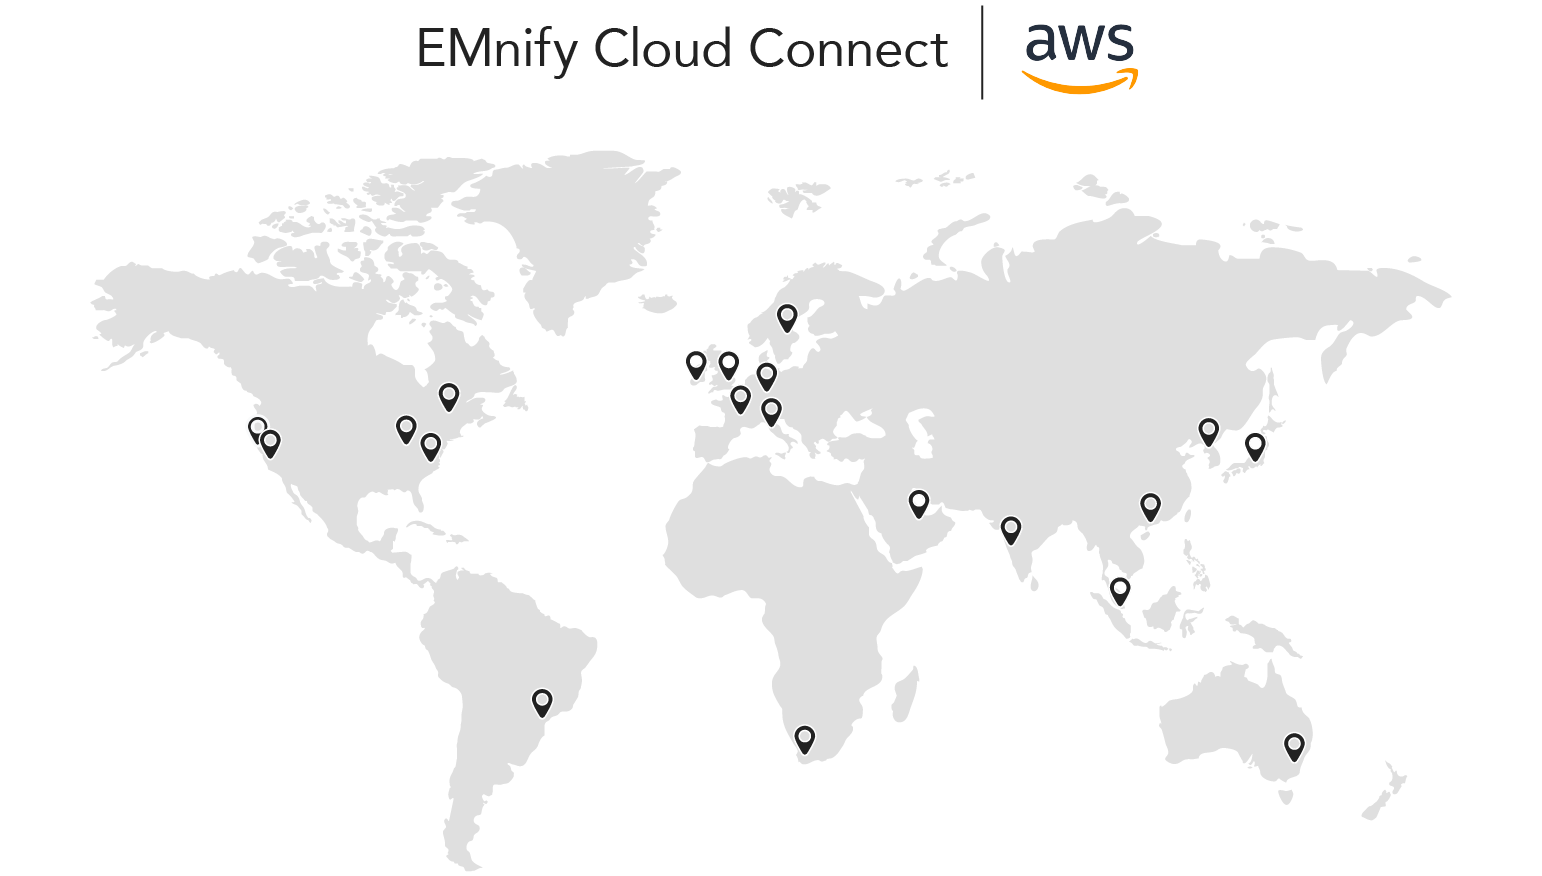 EMnify AWS Cloud Regions